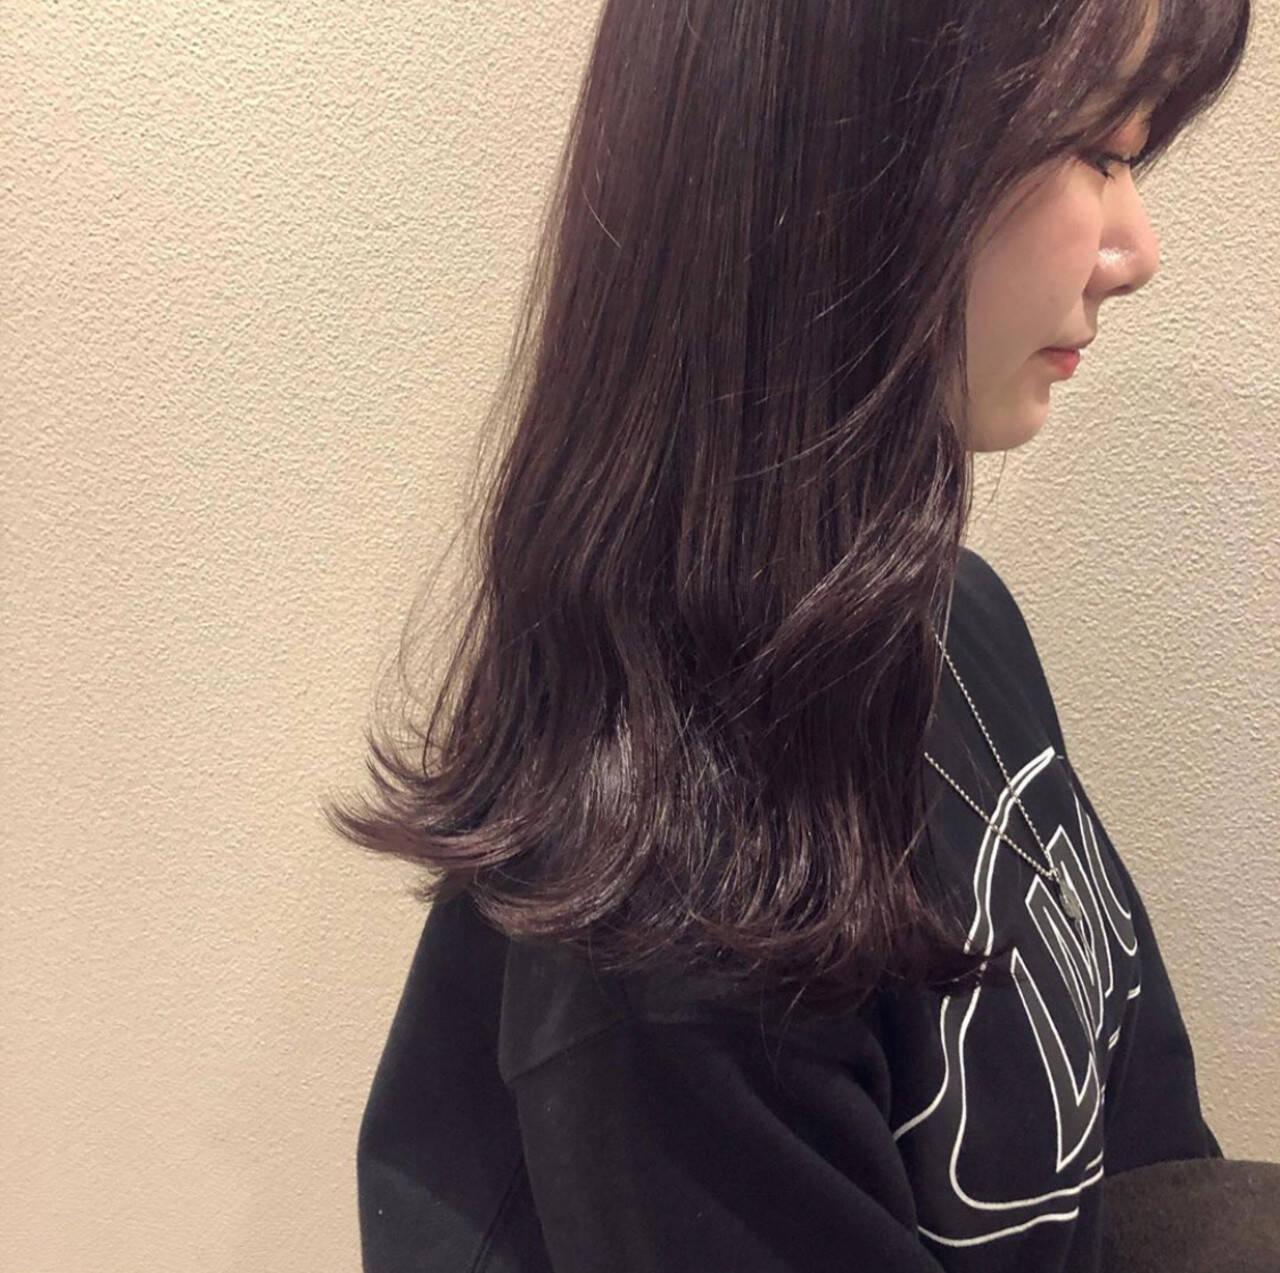 ピンクバイオレット ロング ラベンダーピンク ピンクパープルヘアスタイルや髪型の写真・画像